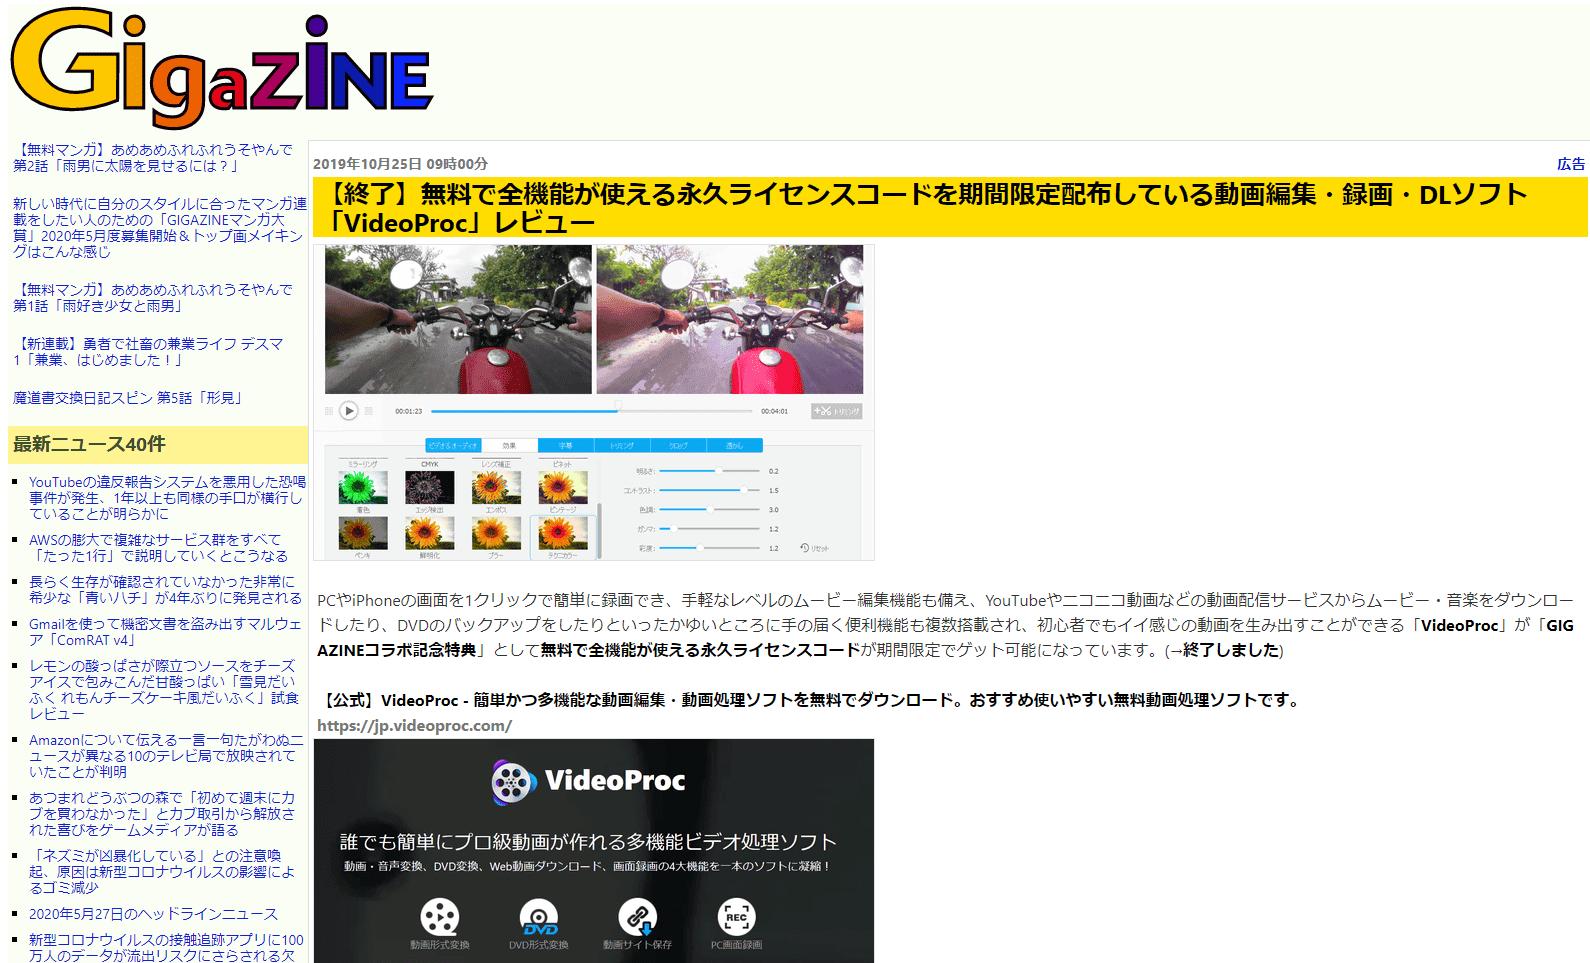 【VideoProcの安全性】VideoProcは安心・安全に使えるリッピングソフト!ウイルス感染の心配無用な高性能DVDリッピングソフトの使い方|VideoProcの安全性:【結論】VideoProcは安全なソフトウェア